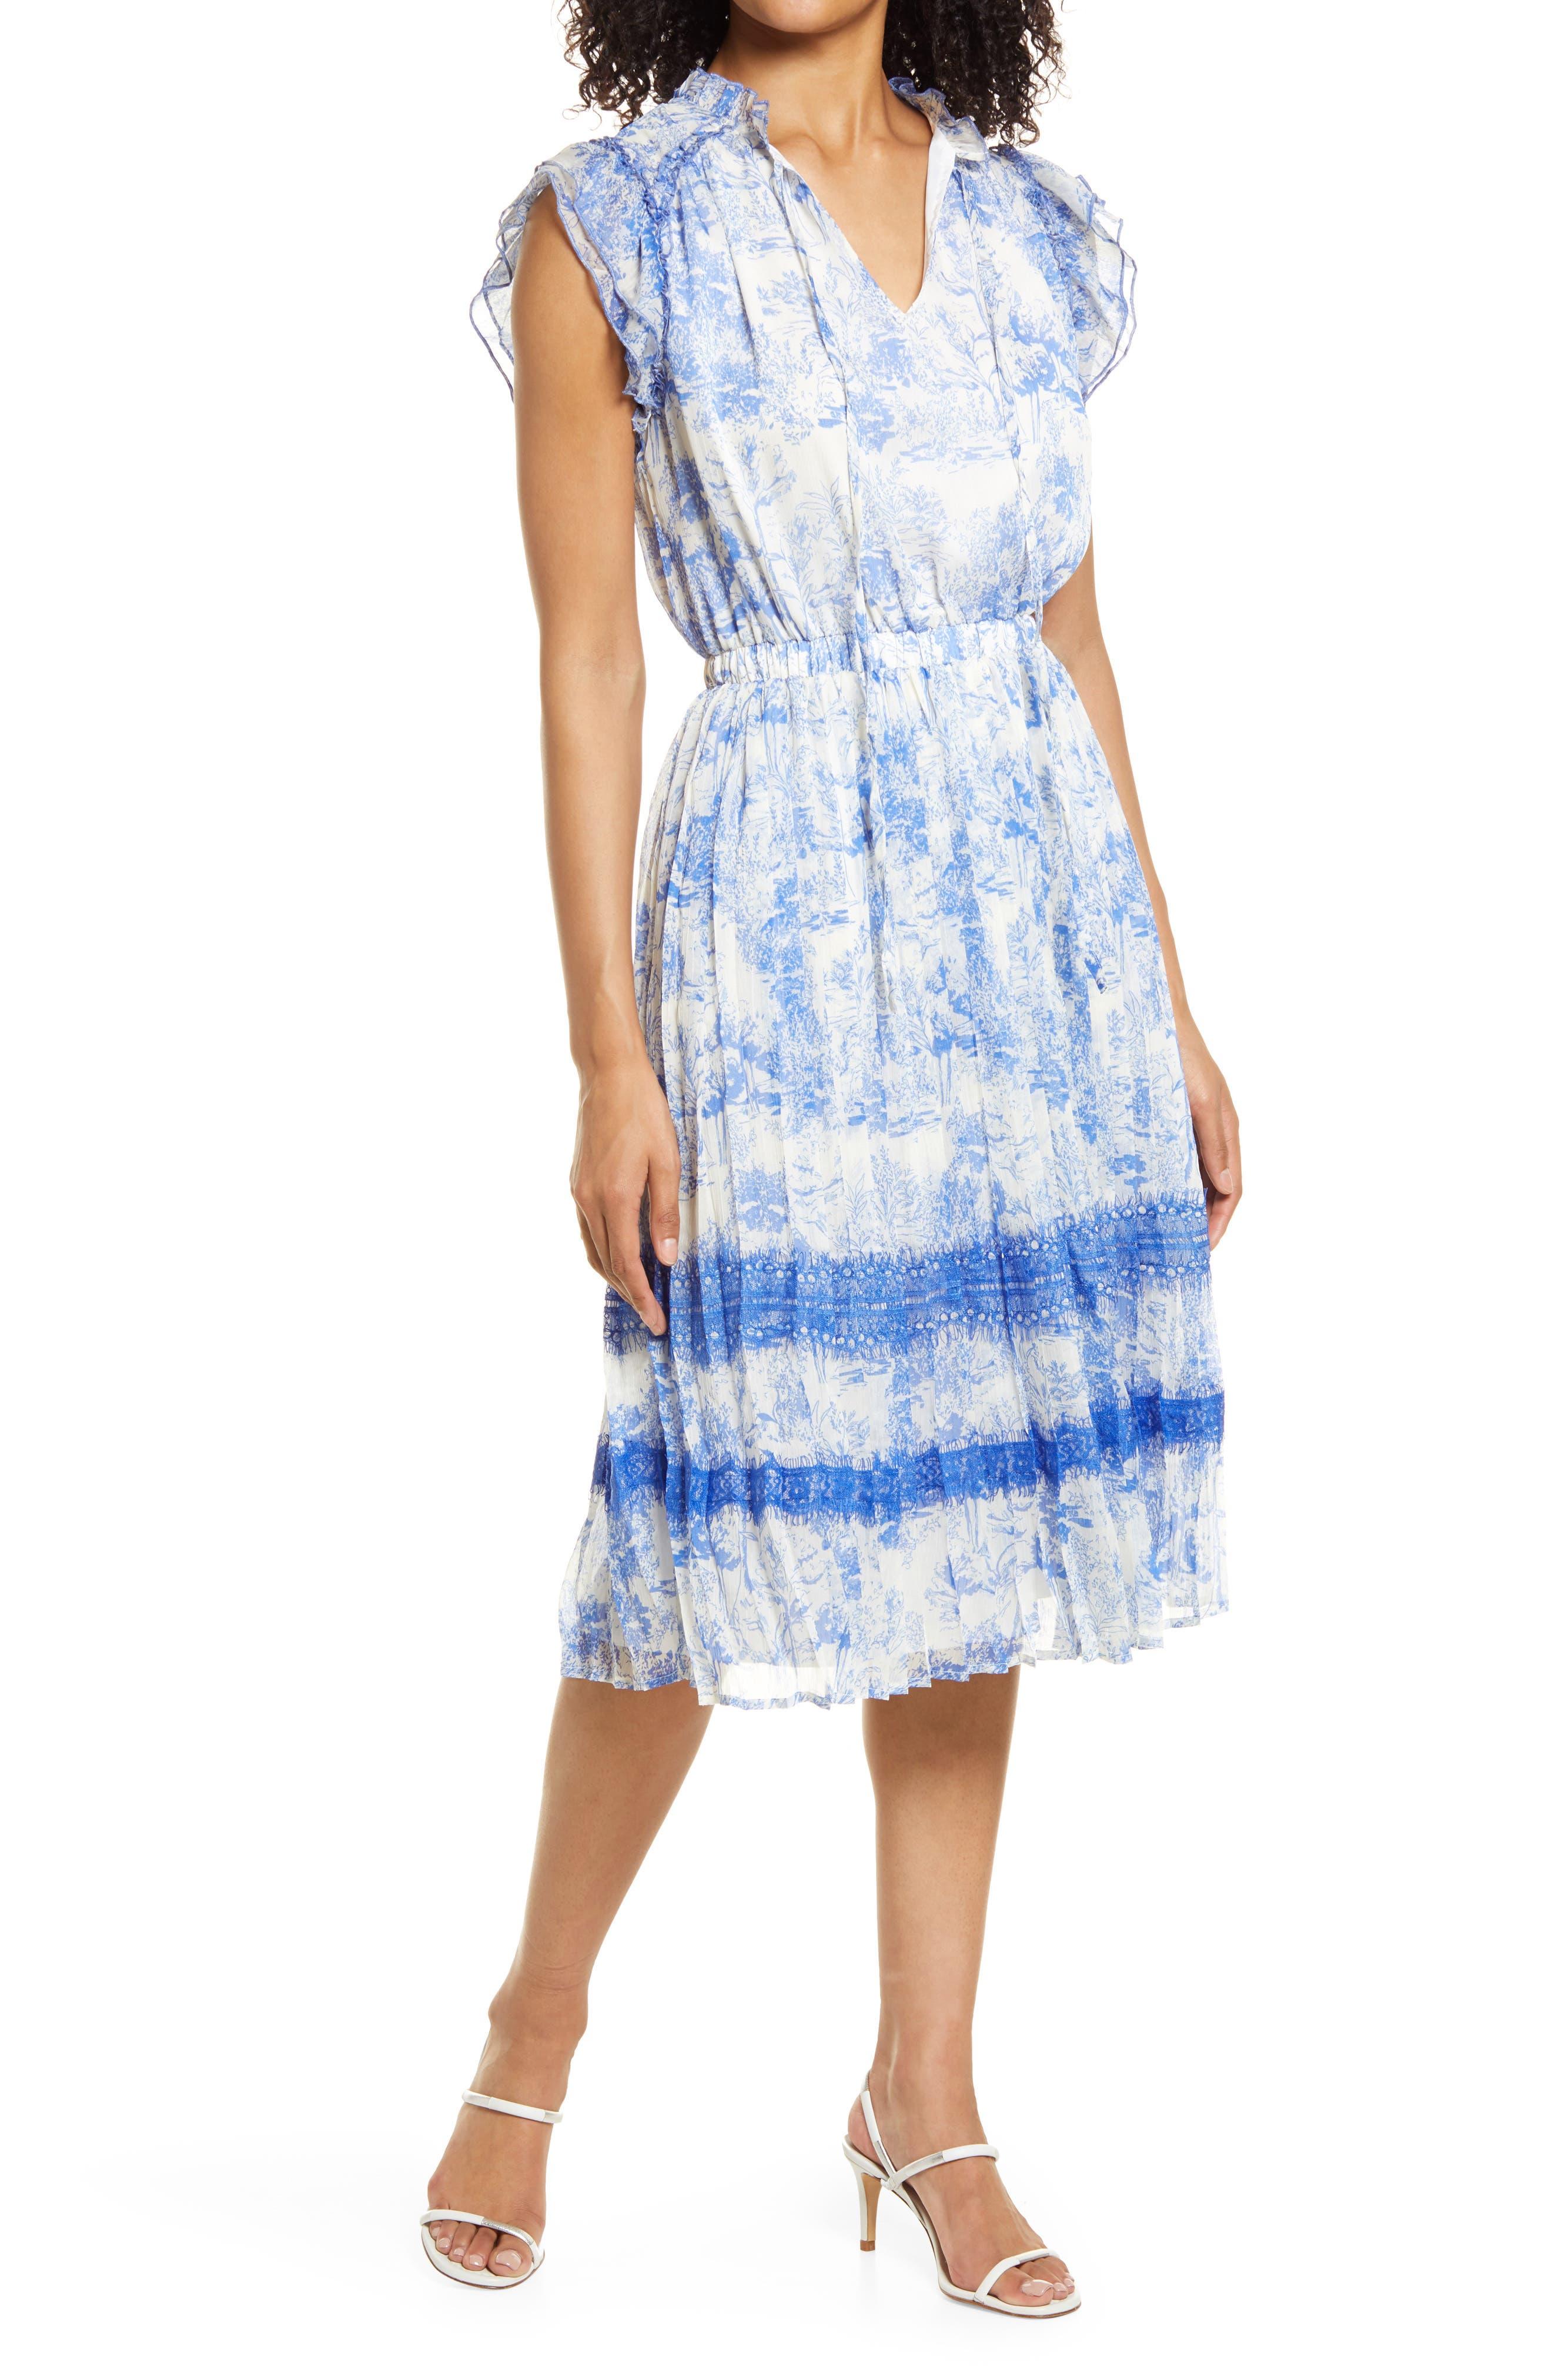 Toile Print Lace Detail Chiffon Midi Dress